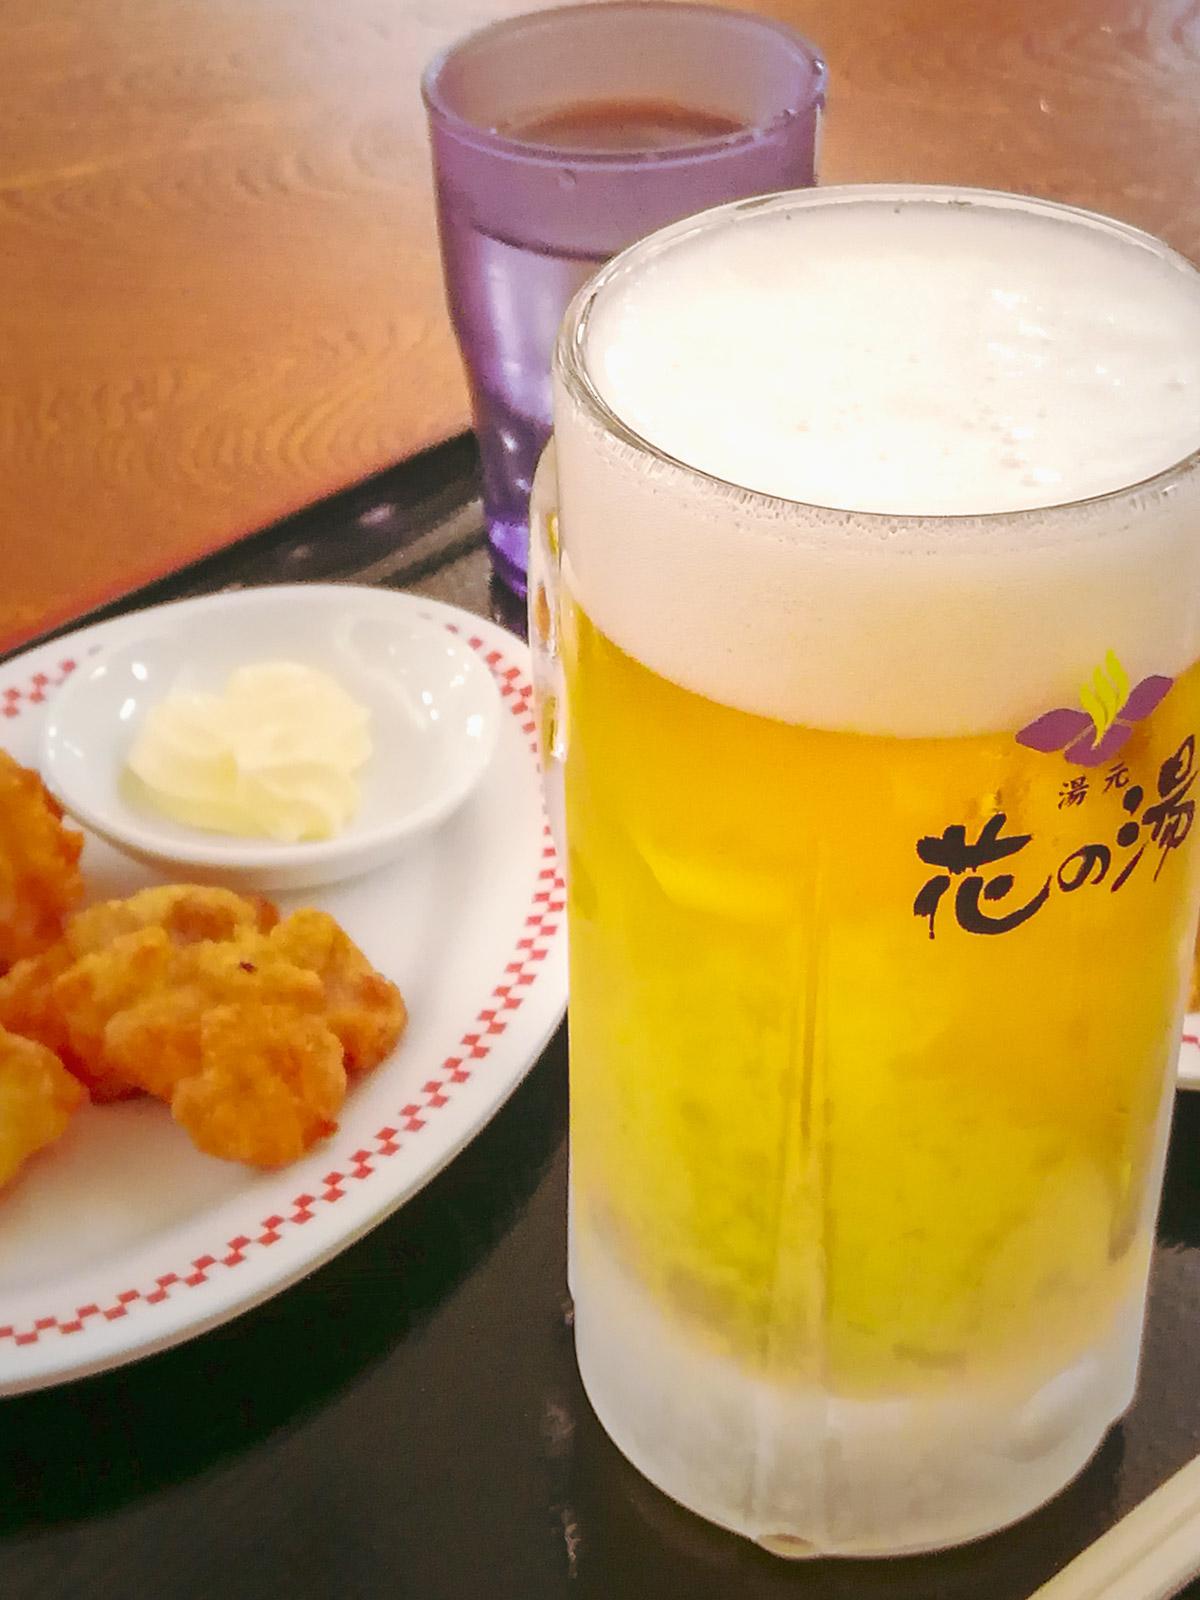 函館「花の湯」キリキリに冷えた生ビール450円